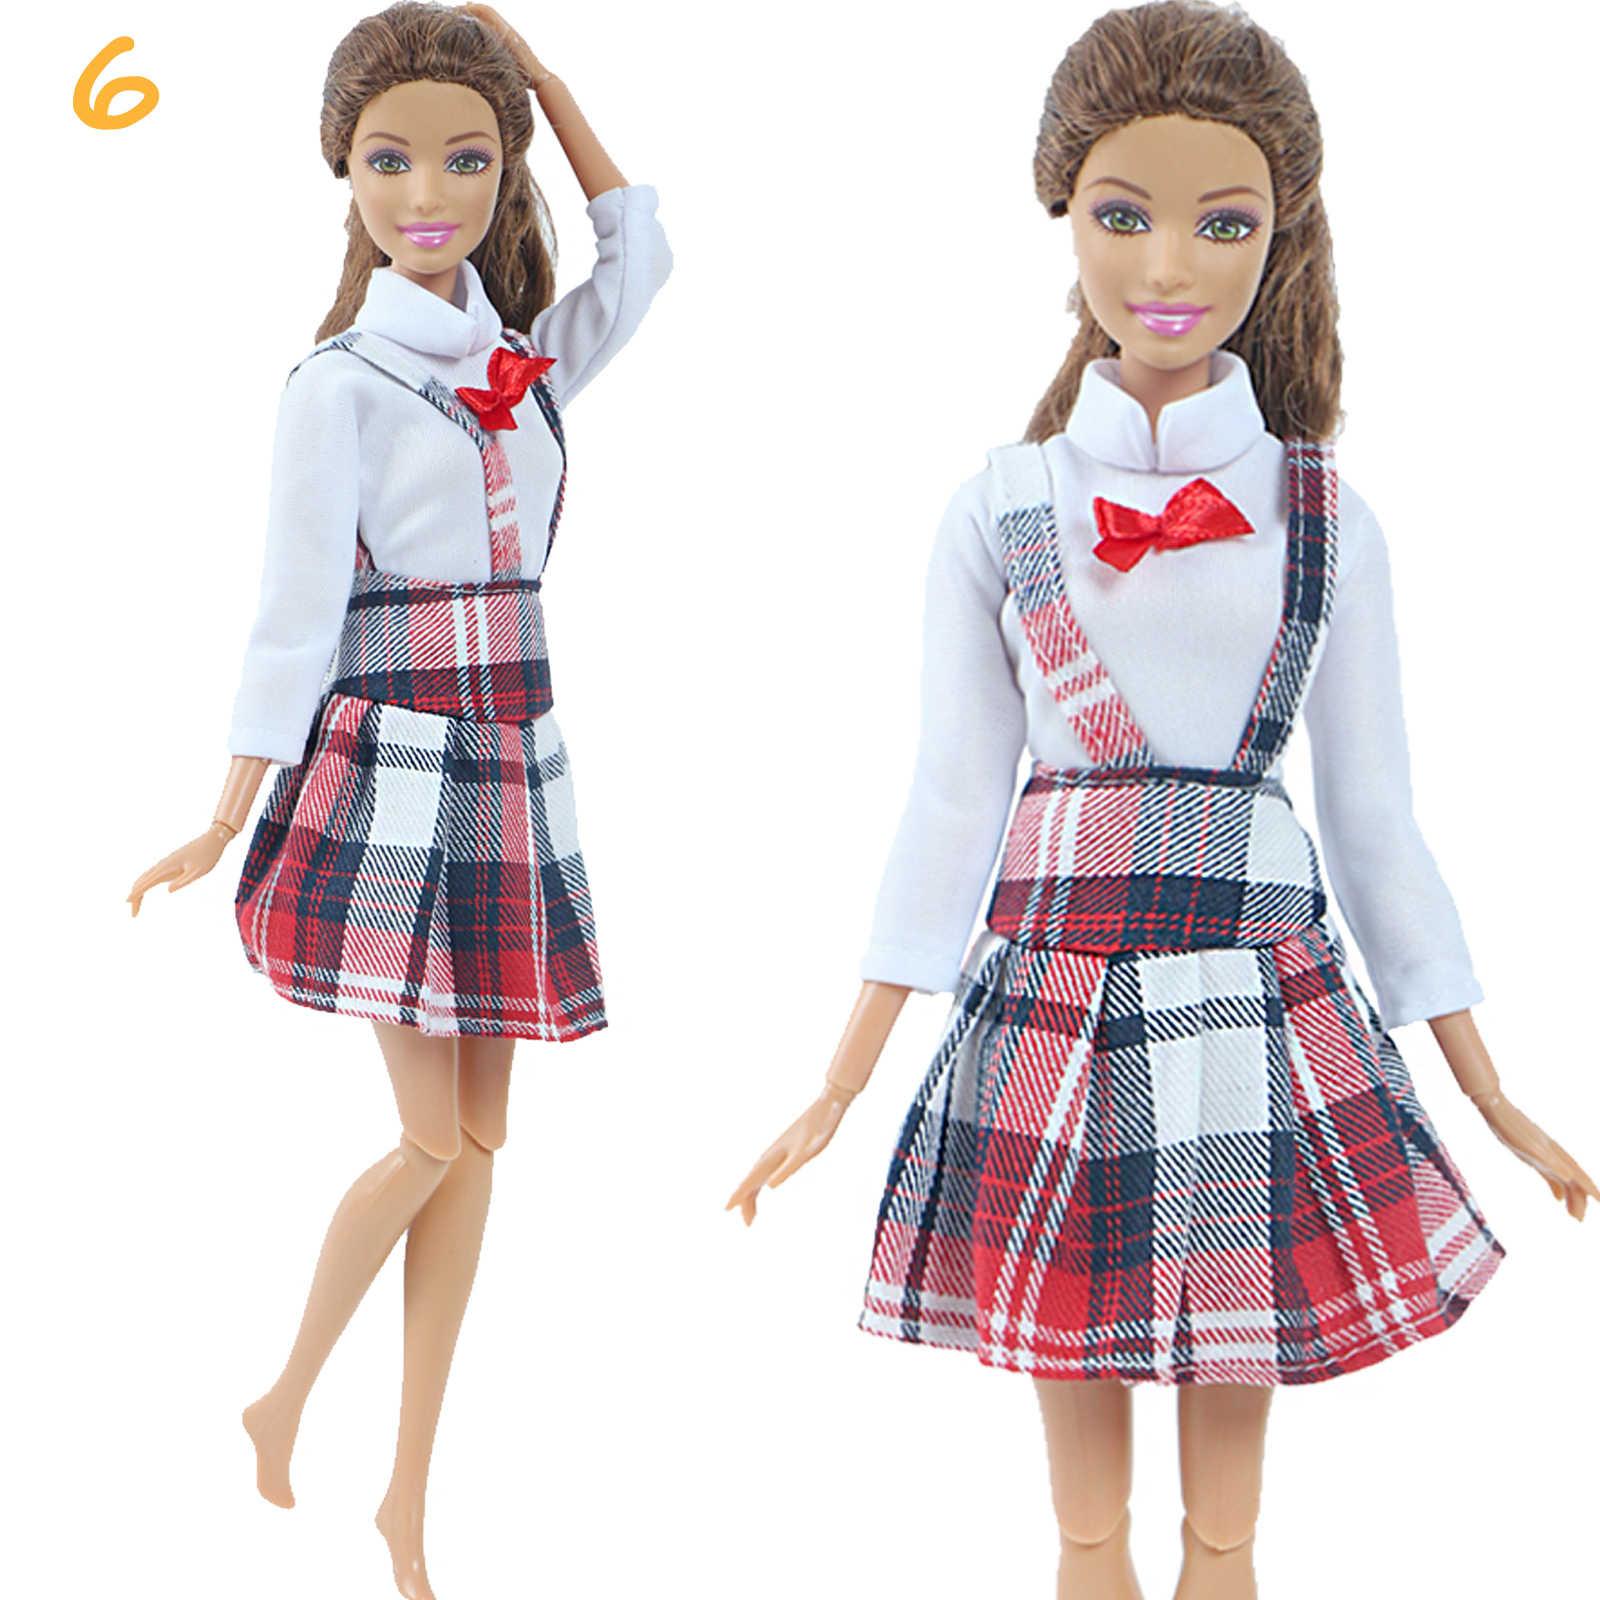 1ชุดแฟชั่นMulticolorชุดWave Pointเสื้อDenimกระโปรงสบายๆสวมใส่เสื้อผ้าสำหรับตุ๊กตาบาร์บี้